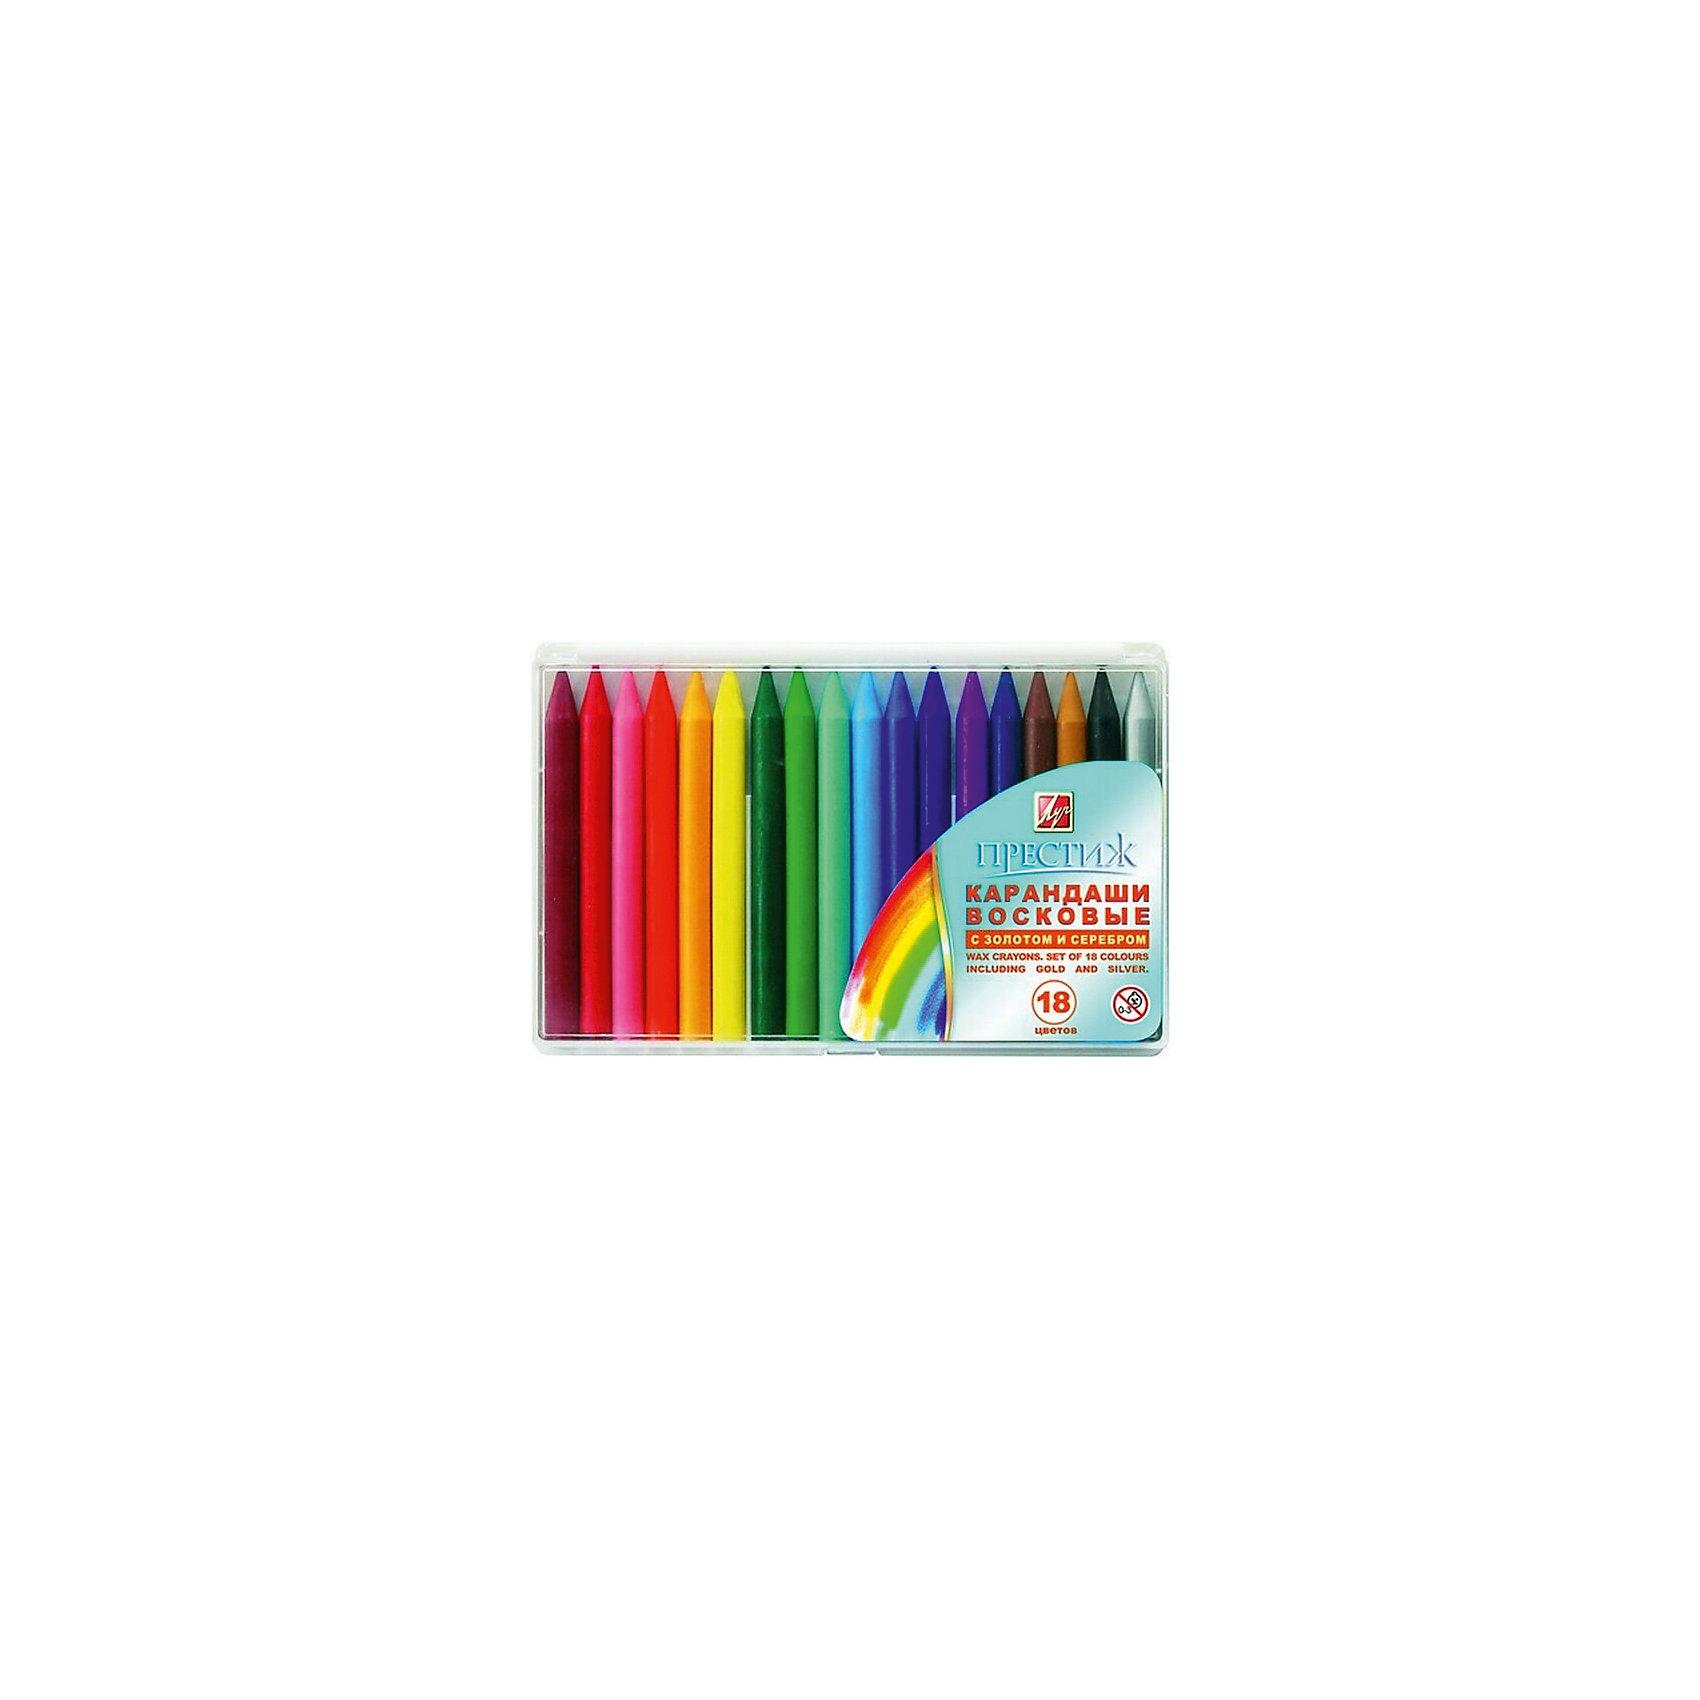 Карандаши восковые 18 цветов круглые 8*90 мм ЛучМасляные и восковые мелки<br>Характеристики:<br><br>• возраст: от 3 лет<br>• в наборе: 18 карандашей (16 разноцветных восковых карандашей; восковой карандаш с эффектом «металлик золотой», восковой карандаш с эффектом «металлик серебряный»)<br>• размер одного карандаша: 9х0,8 см.<br>• пластмассовая упаковка<br>• размер упаковки: 10х15,4х1,2 см.<br>• вес: 124 гр.<br><br>Круглые восковые карандаши «Престиж» изготовлены на основе полимерных восков и предназначены для рисования по бумаге и картону.<br><br>Карандаши имеют яркие, сочные цвета. Для придания работам специальных декоративных эффектов в набор включены карандаши с эффектом «металлик золотой» и «металлик серебряный».<br><br>Карандаши восковые 18 цветов круглые 8*90 мм Луч можно купить в нашем интернет-магазине.<br><br>Ширина мм: 145<br>Глубина мм: 90<br>Высота мм: 10<br>Вес г: 125<br>Возраст от месяцев: 36<br>Возраст до месяцев: 2147483647<br>Пол: Унисекс<br>Возраст: Детский<br>SKU: 7010515